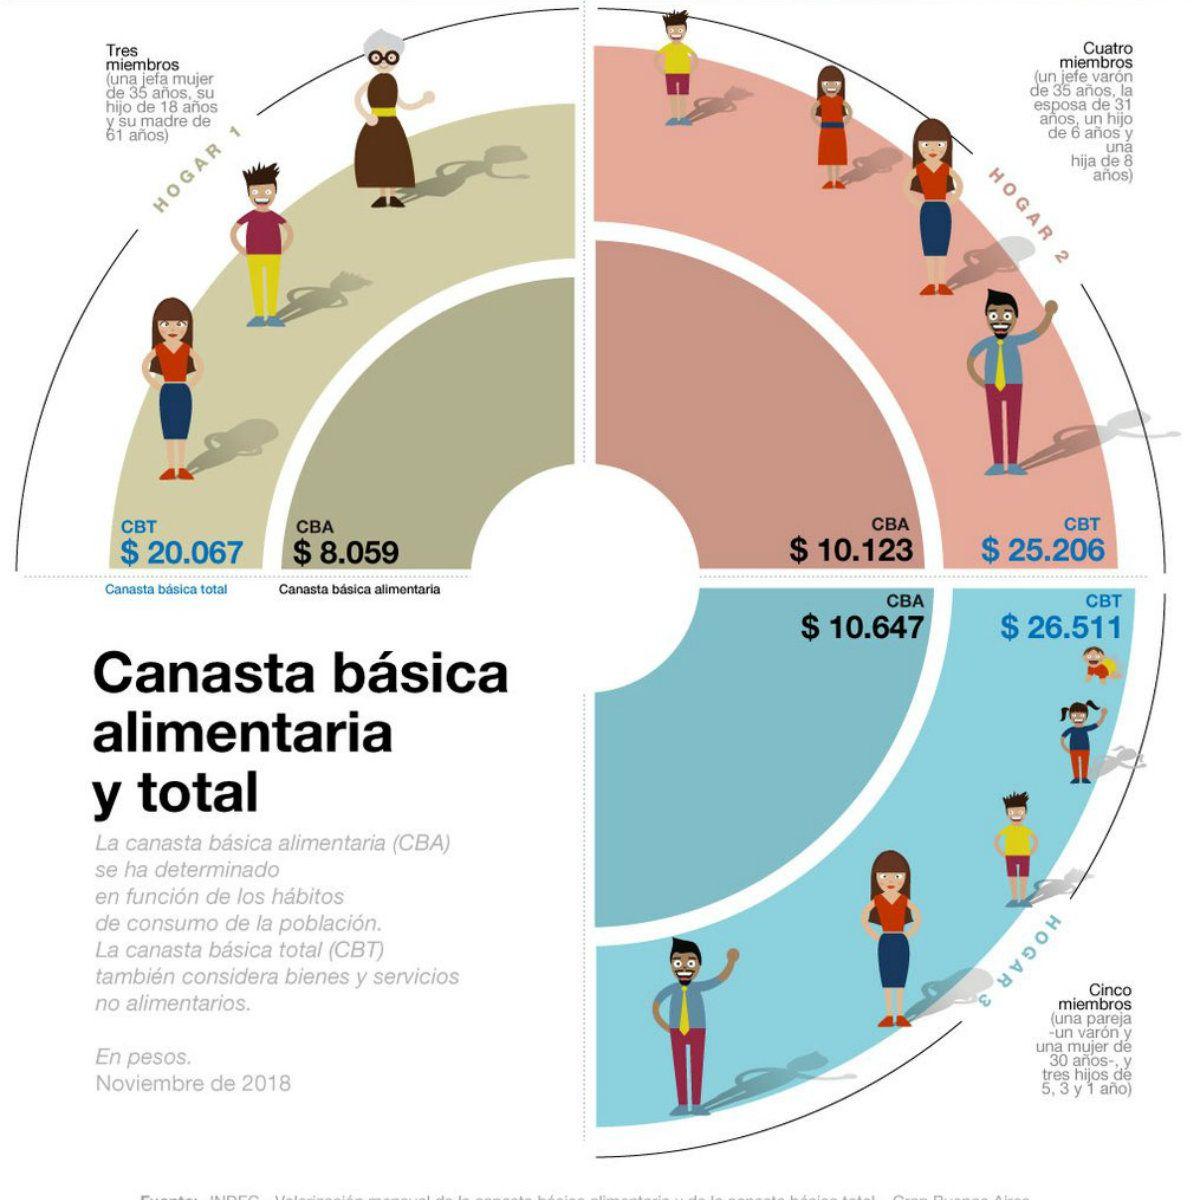 La canasta básica subió en un año 57%: para no ser pobre, una familia necesita $25.206